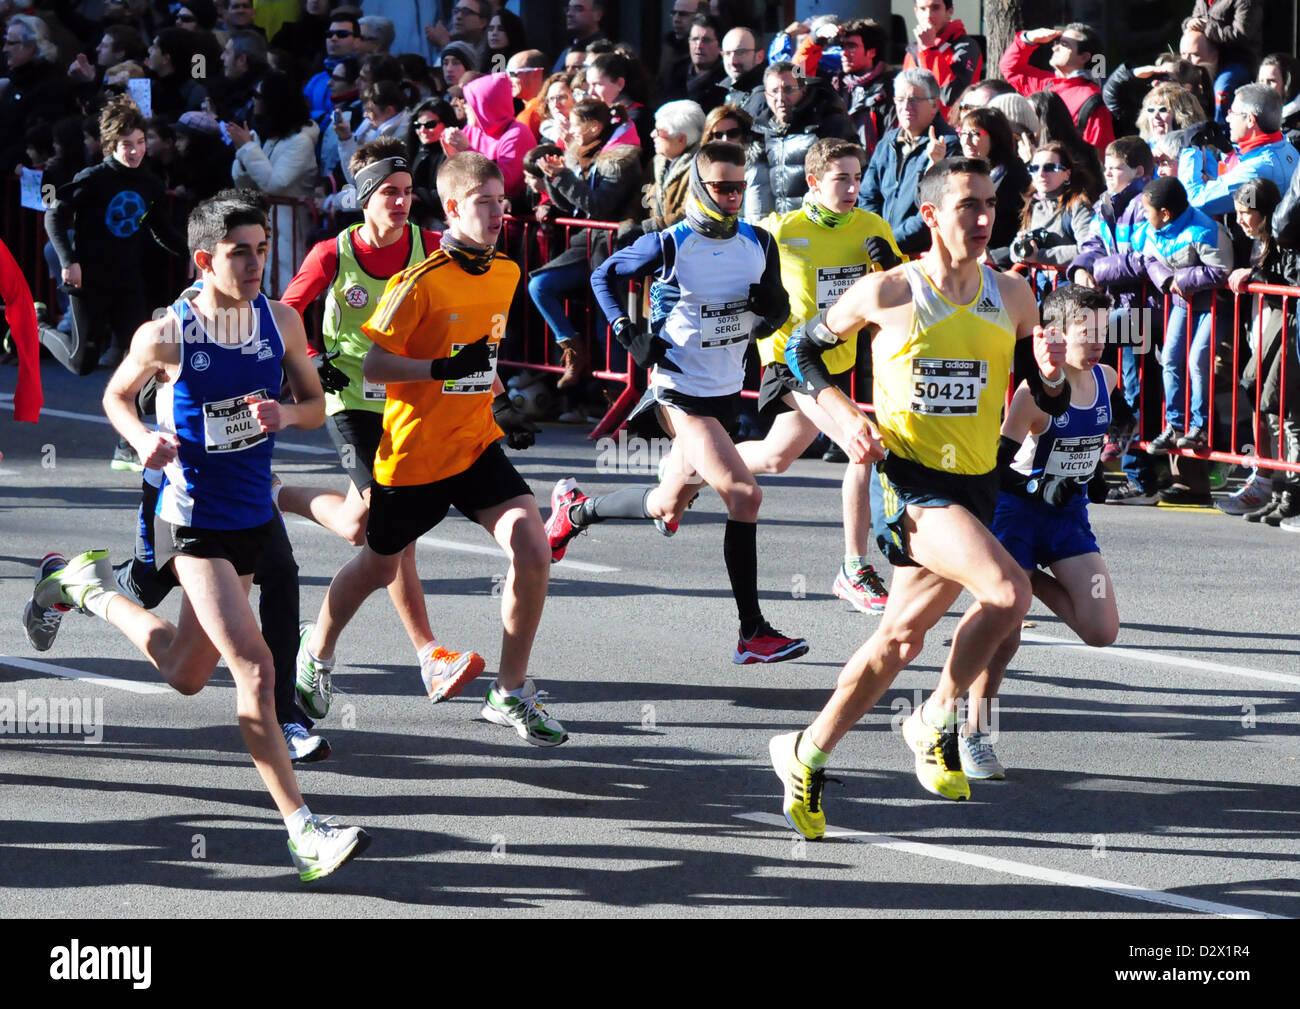 Mitja- mezza maratona Granollers (Barcellona, Spagna. Feb 3rd, 2013) Antonio Casado (in giallo #50421), ex 1500m Immagini Stock